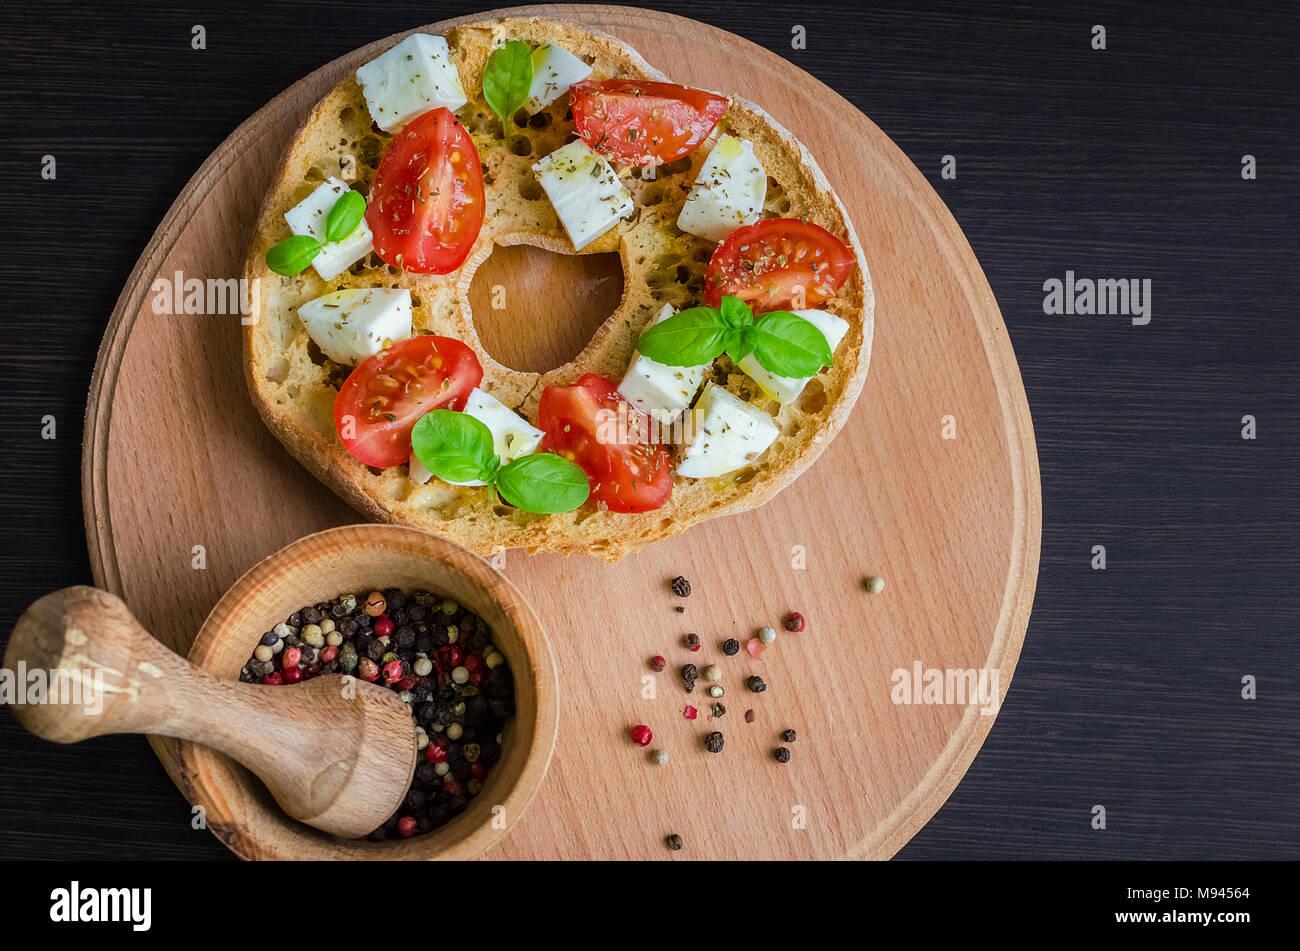 Frisella classique tomate, fromage mozzarella et basilic. Friselle démarreur italien. Pain séché appelé freselle sur planche de bois. Cuisine italienne. V en bonne santé Photo Stock